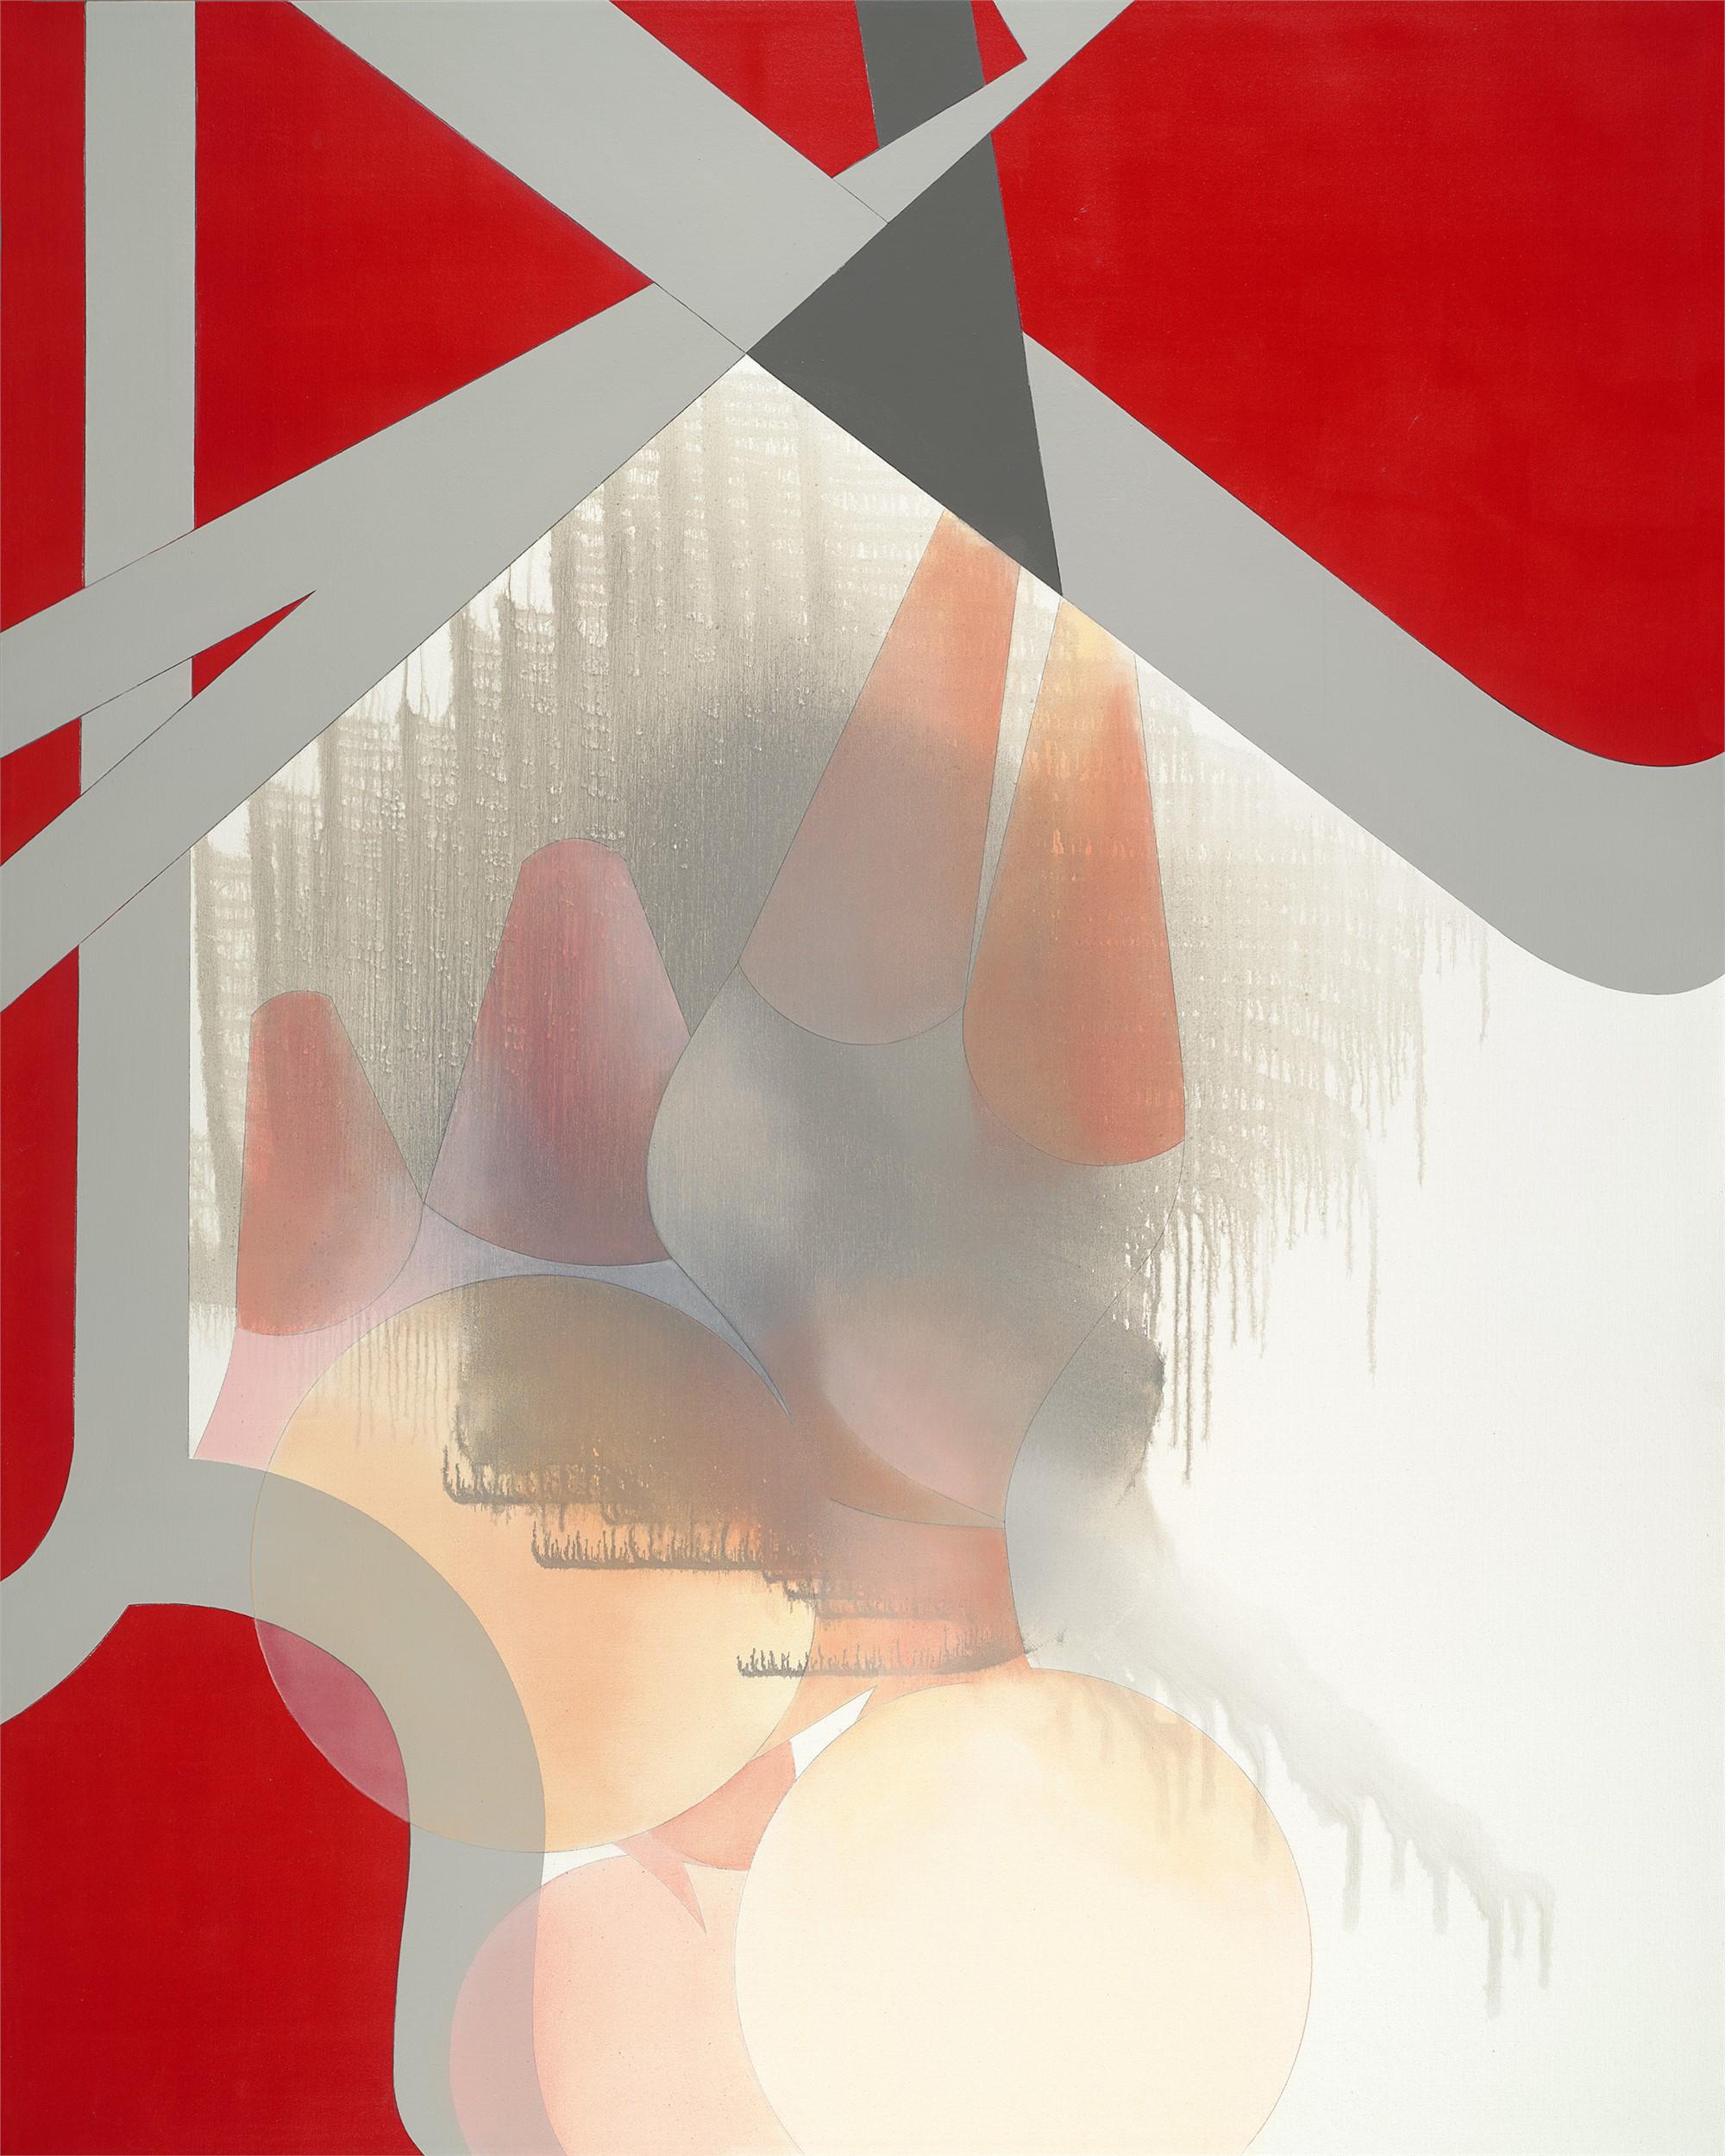 Lithium by Kuzana Ogg